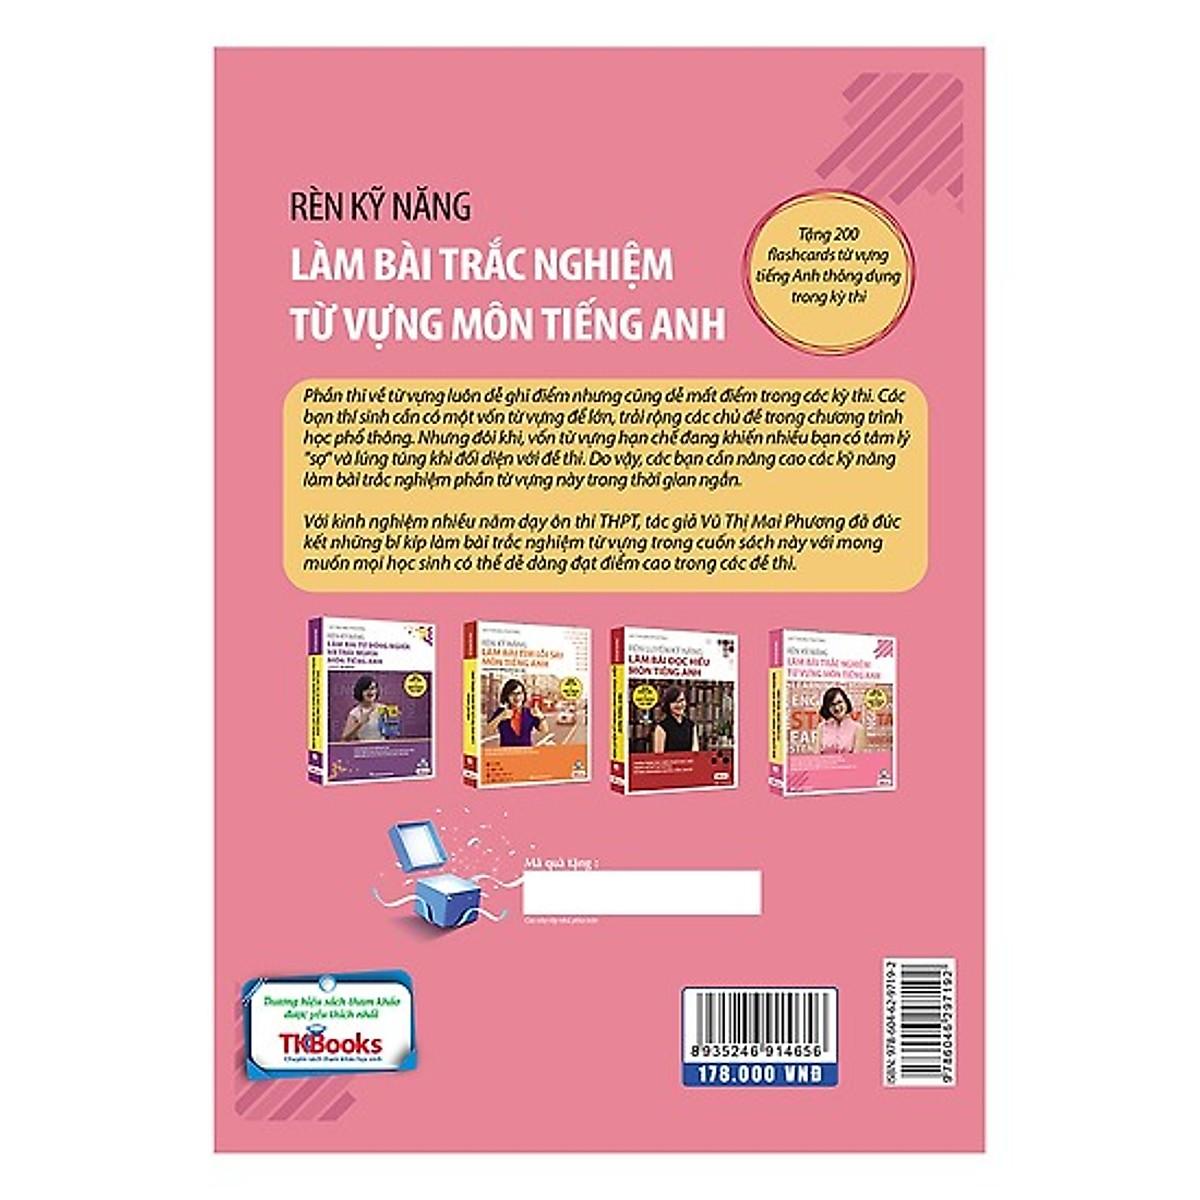 Rèn Kỹ Năng Làm Bài Trắc Nghiệm Từ Vựng Môn Tiếng Anh (Bộ Sách Cô Mai Phương) (Tặng Bookmark độc đáo)